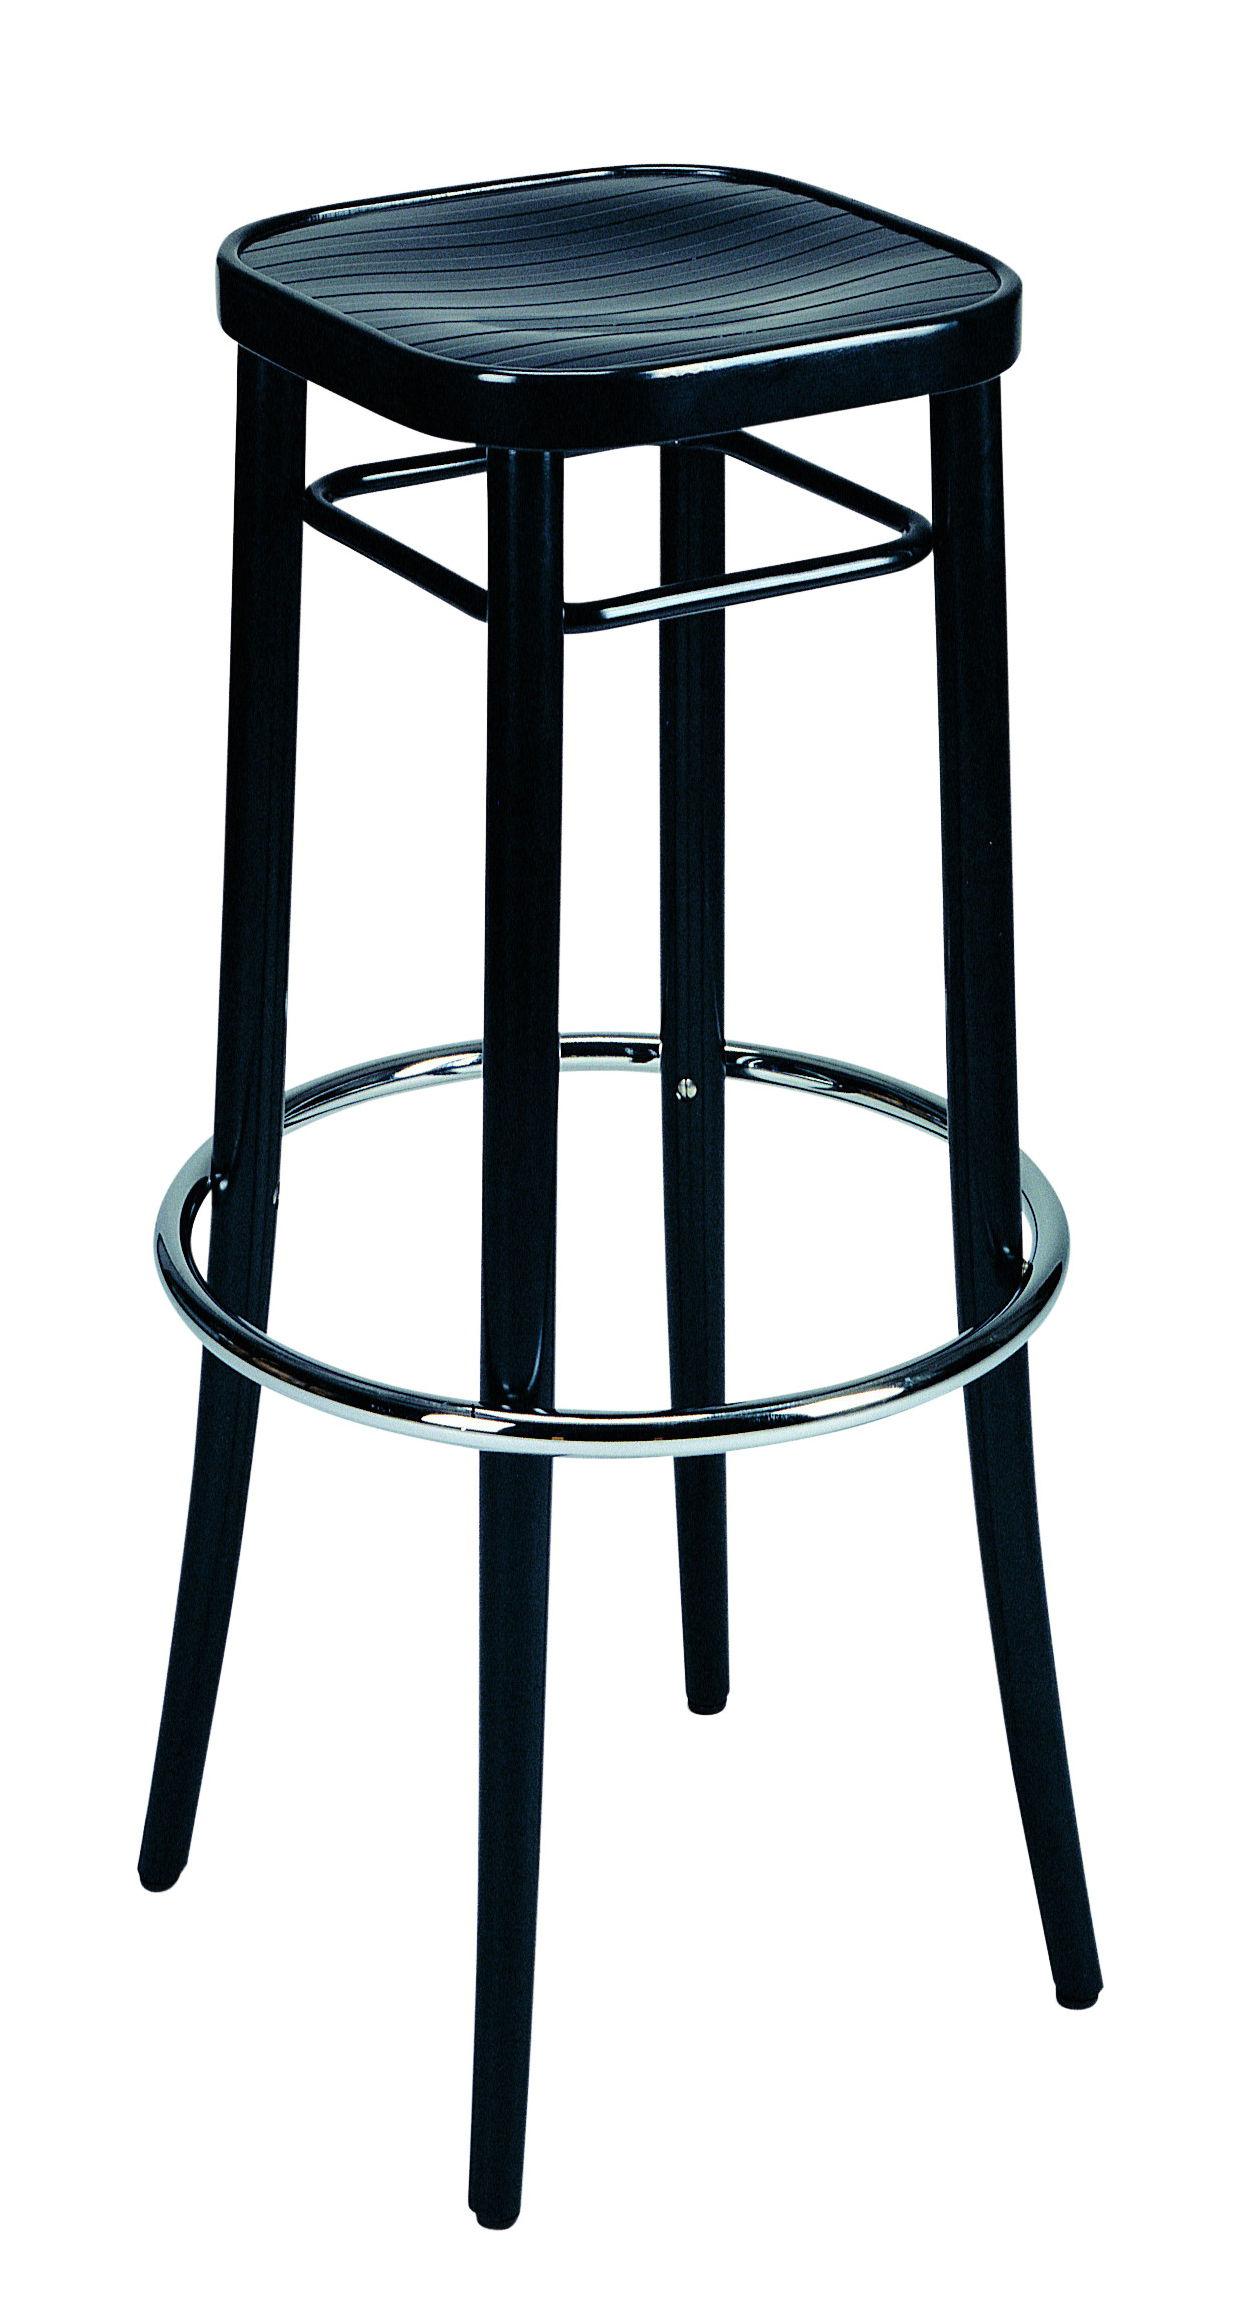 Arredamento - Sgabelli da bar  - Sgabello alto Vienna 144 - / H 85 cm - Riedizione 1908 di Wiener GTV Design - Seduta nera  / Struttura nera - Compensato di faggio, Faggio massello curvato, Metallo cromato